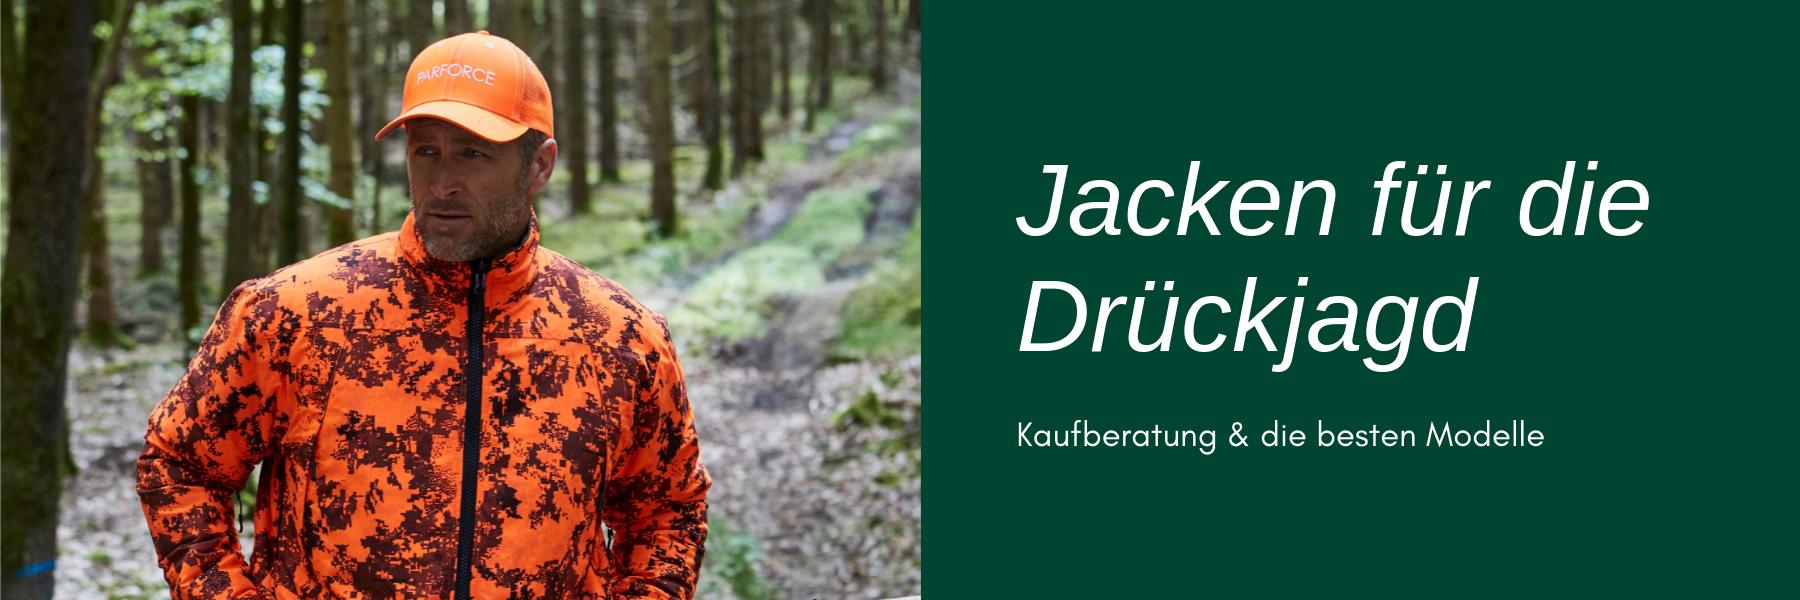 Drückjagd Jacke - Die besten Modelle und Kaufberatung